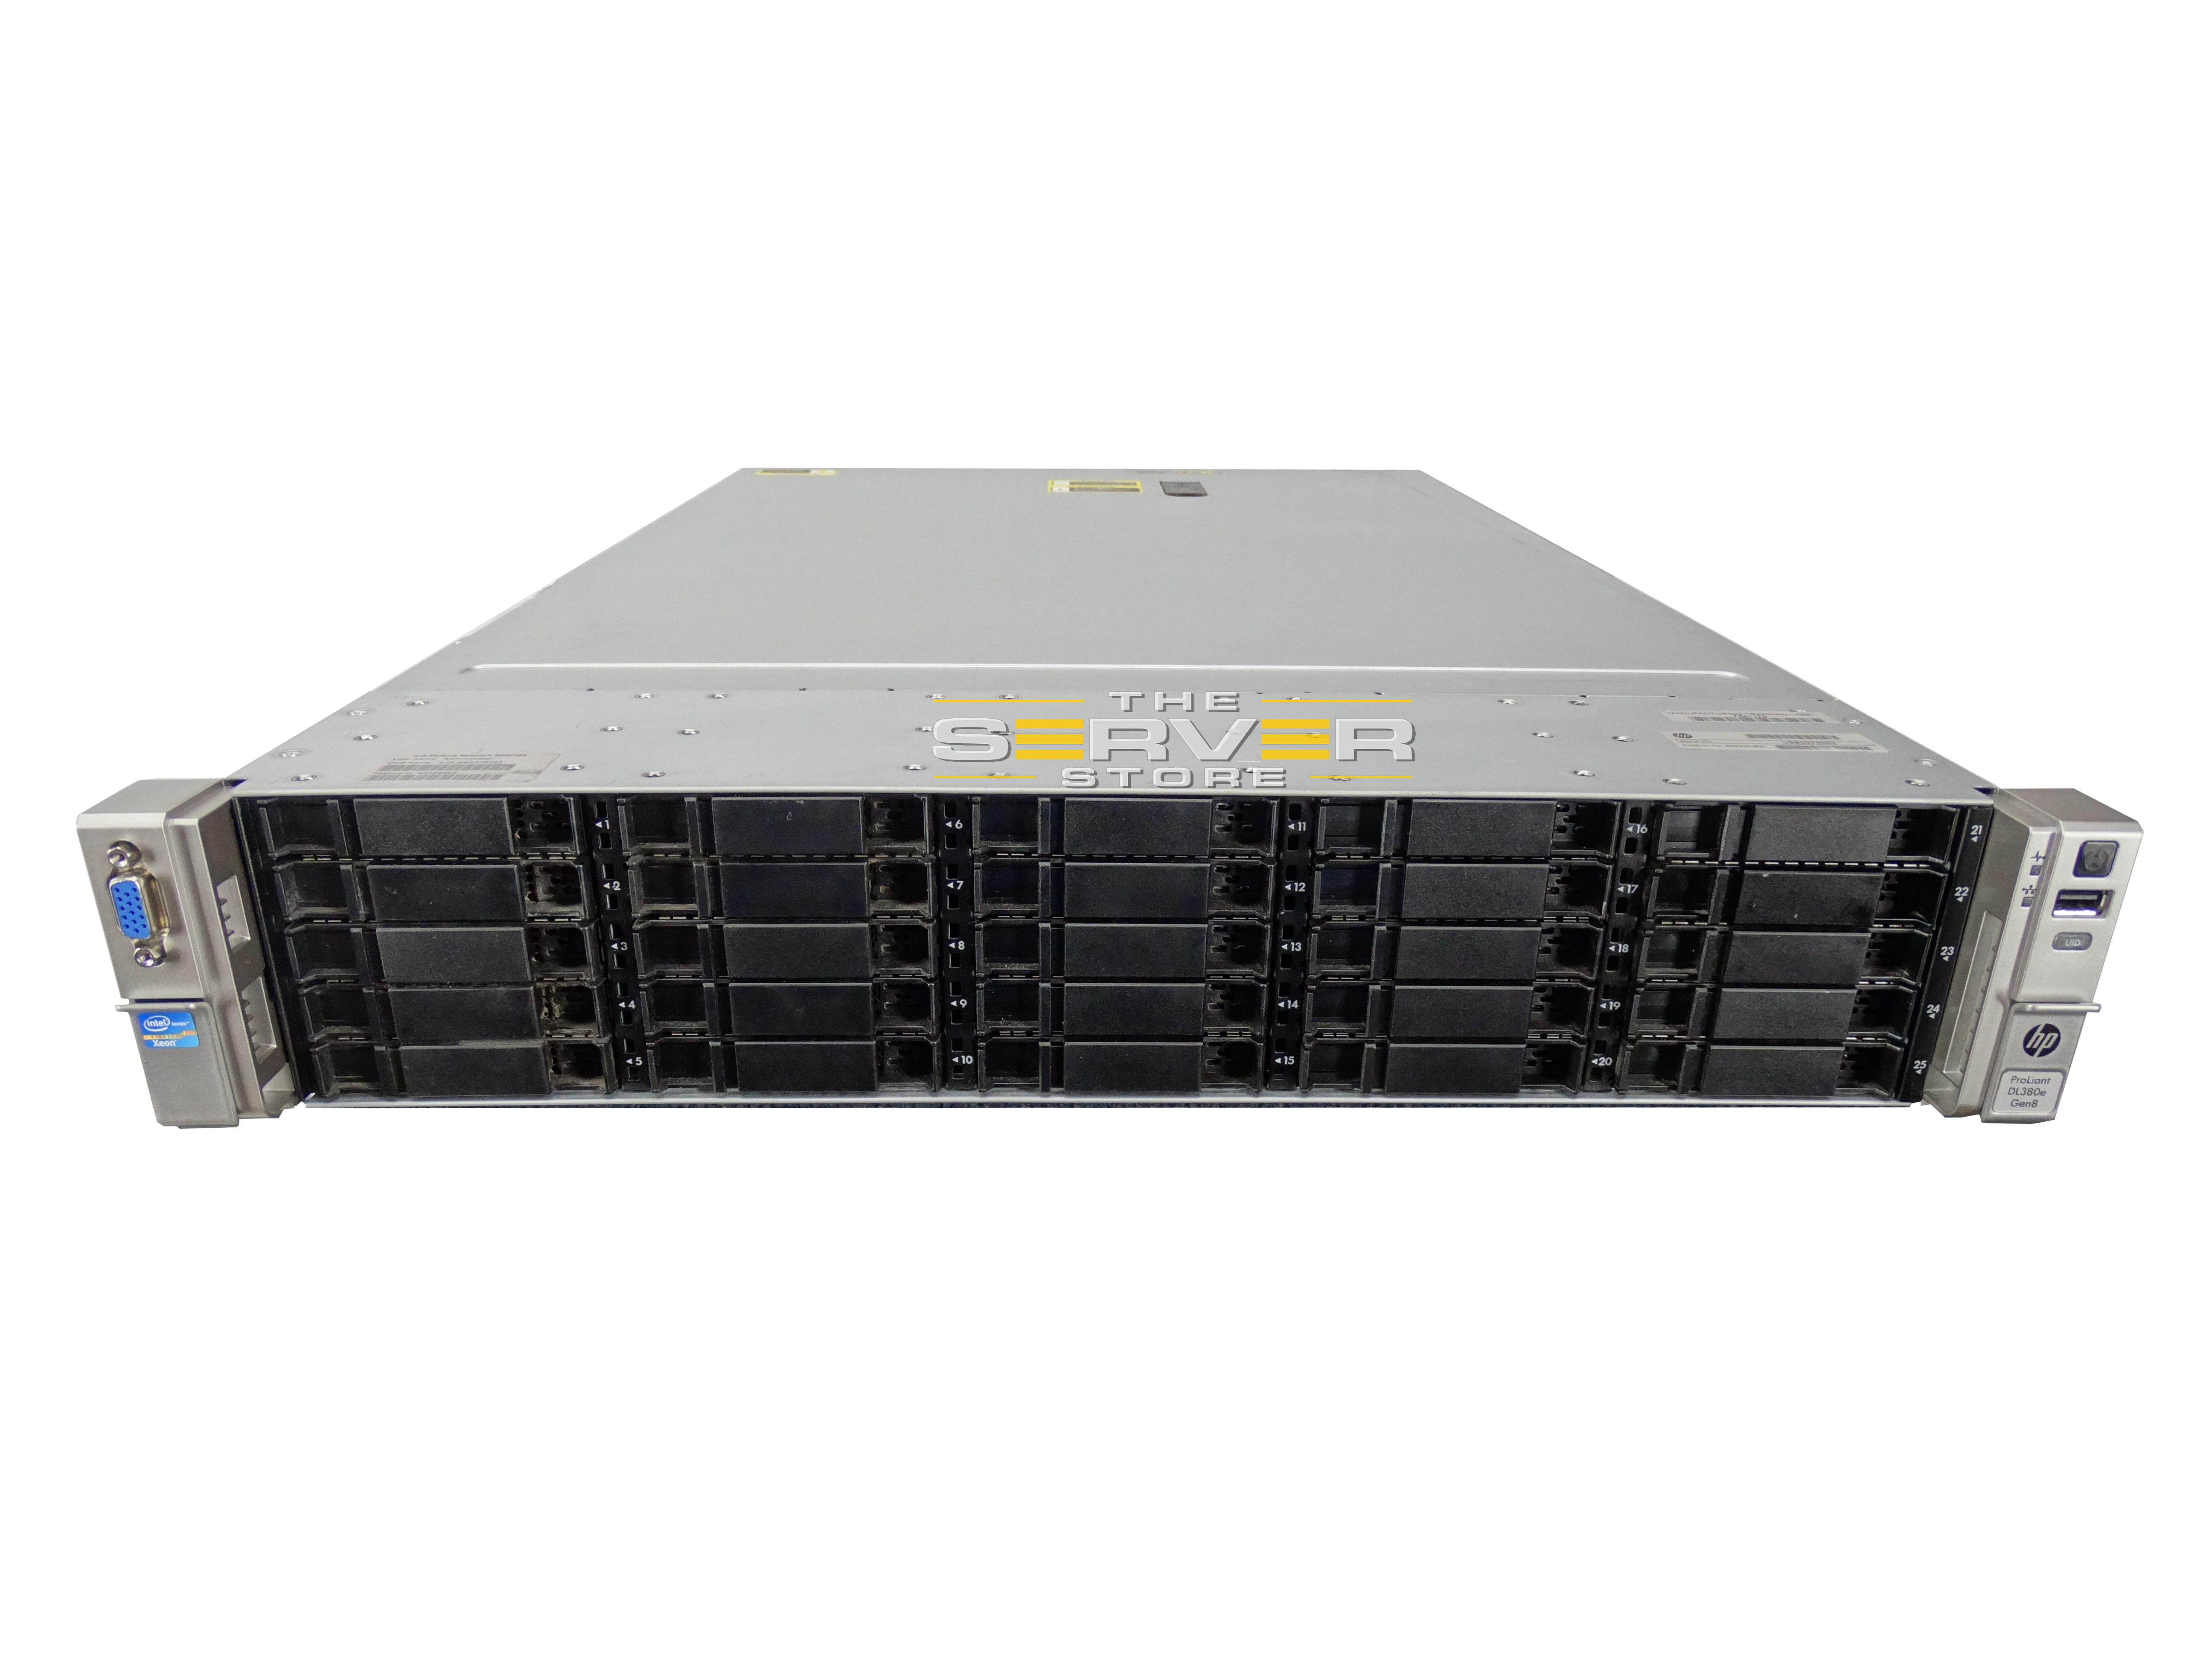 hp proliant dl380e gen8 server manual